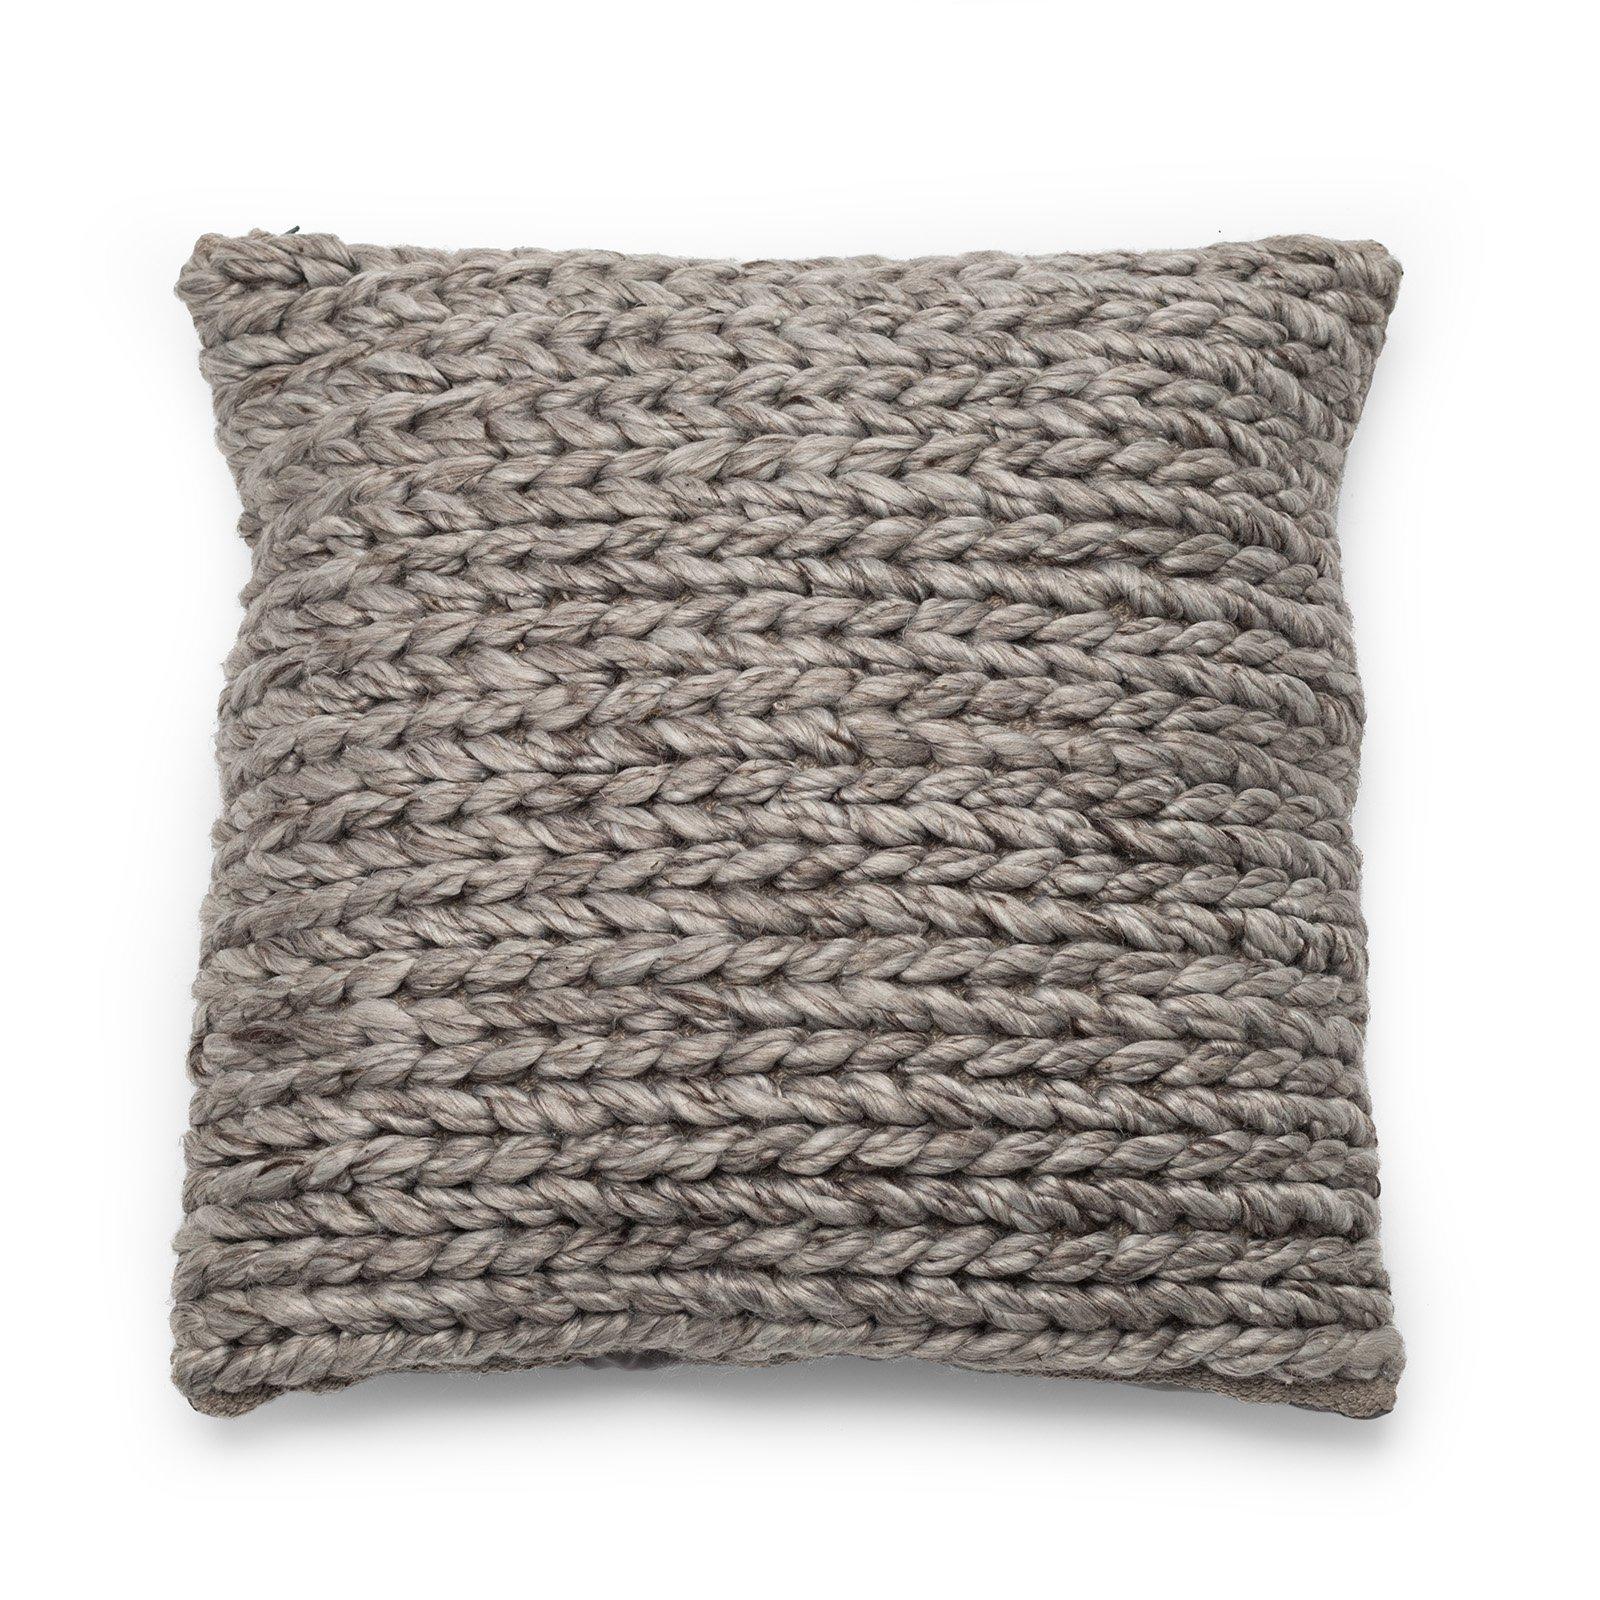 Walmart Outdoor Pillow